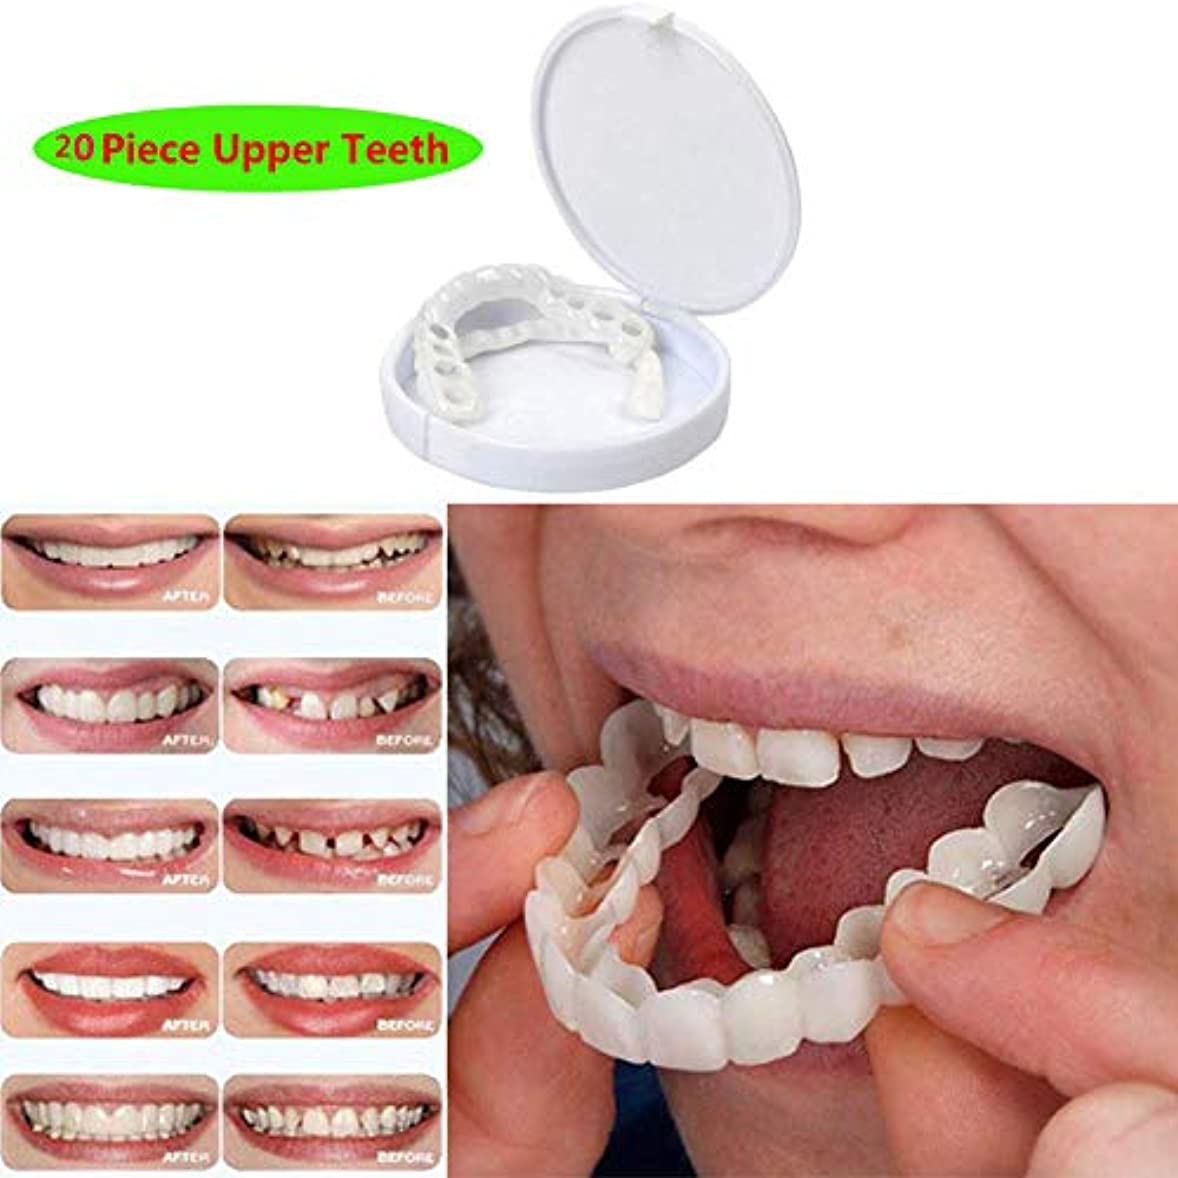 自己尊重拍手ベルベット一時的な化粧品の歯義歯の歯快適な屈曲を完全に白くする化粧品の模倣された上部の支柱わずかな分のベニヤ、20PCS上部の歯